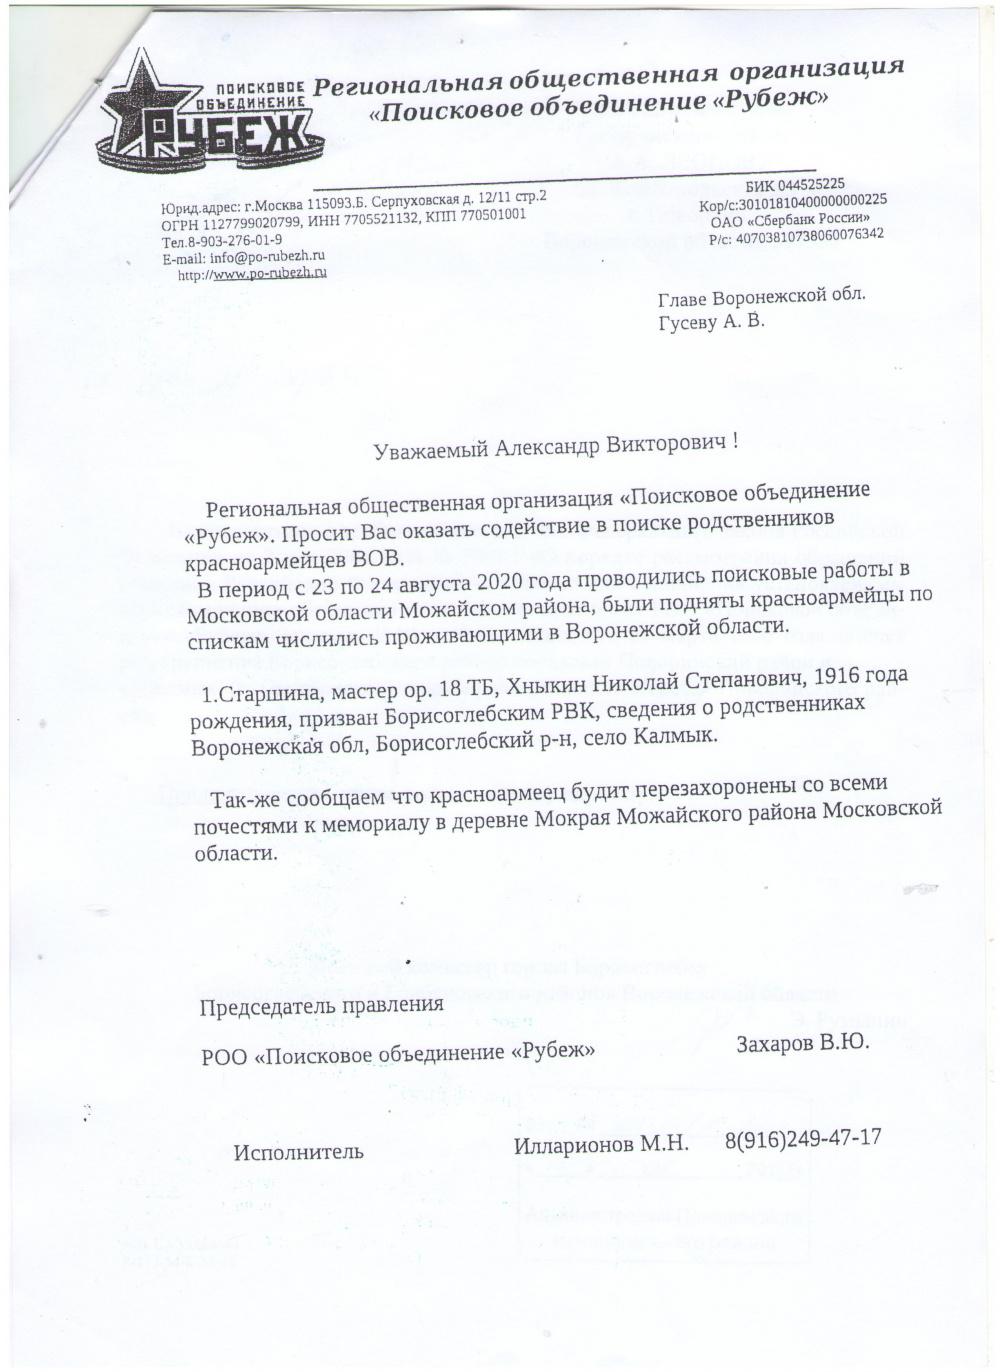 Разыскиваются родственники Хныкина Николая Степановича 1916 г.р.